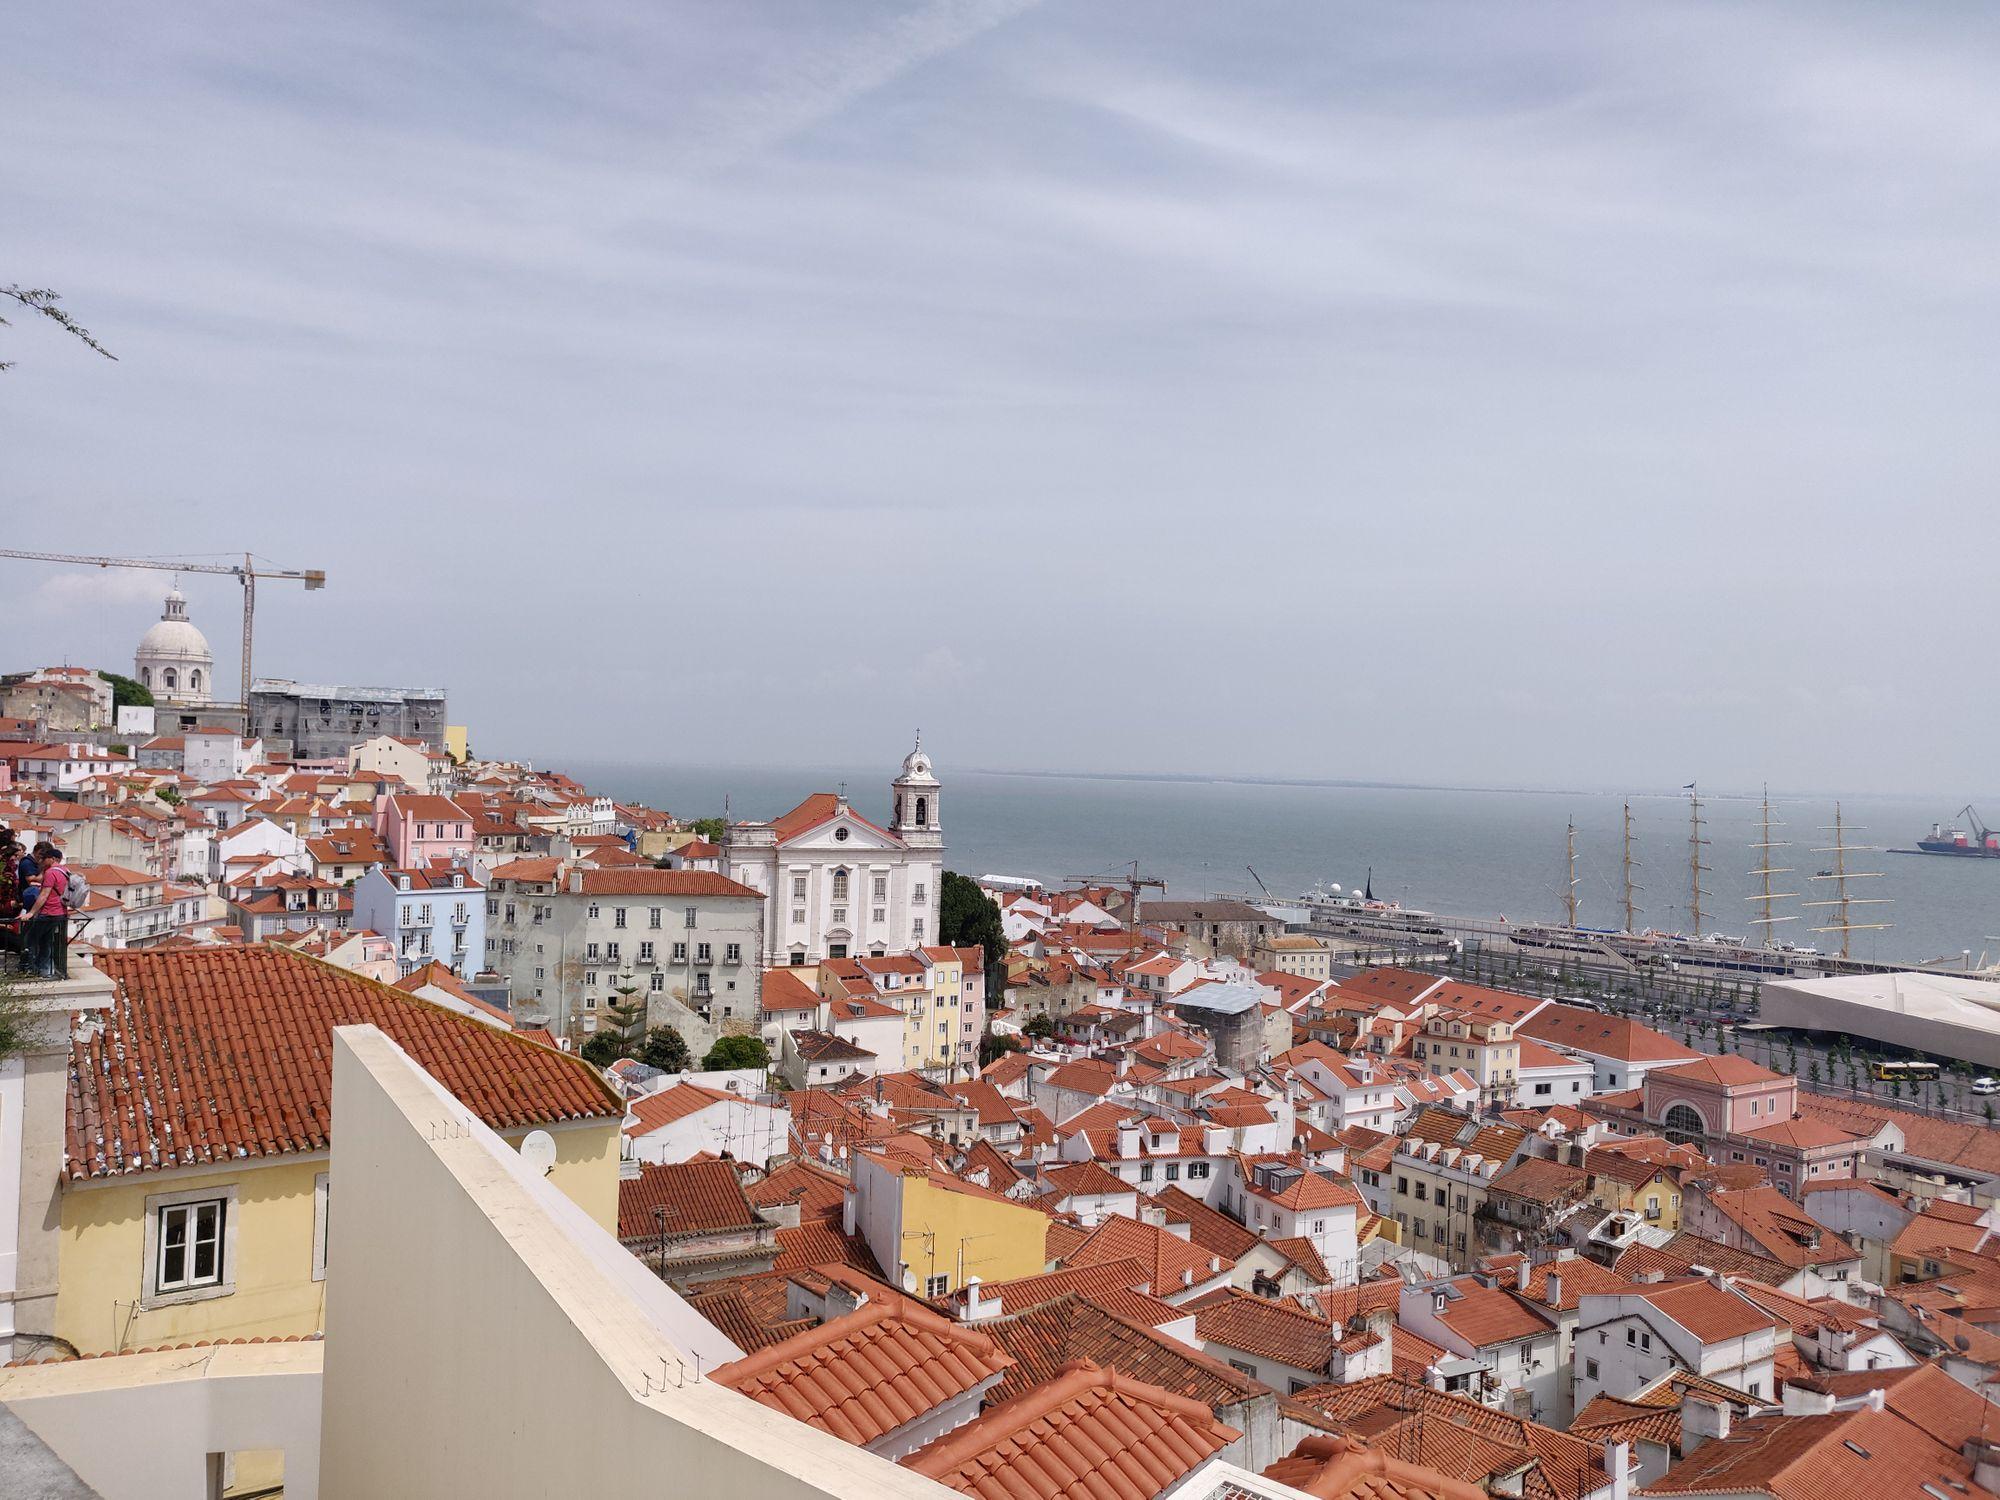 Un mirador donnant sur L'alfama, le plus vieux quartier de Lisbonne